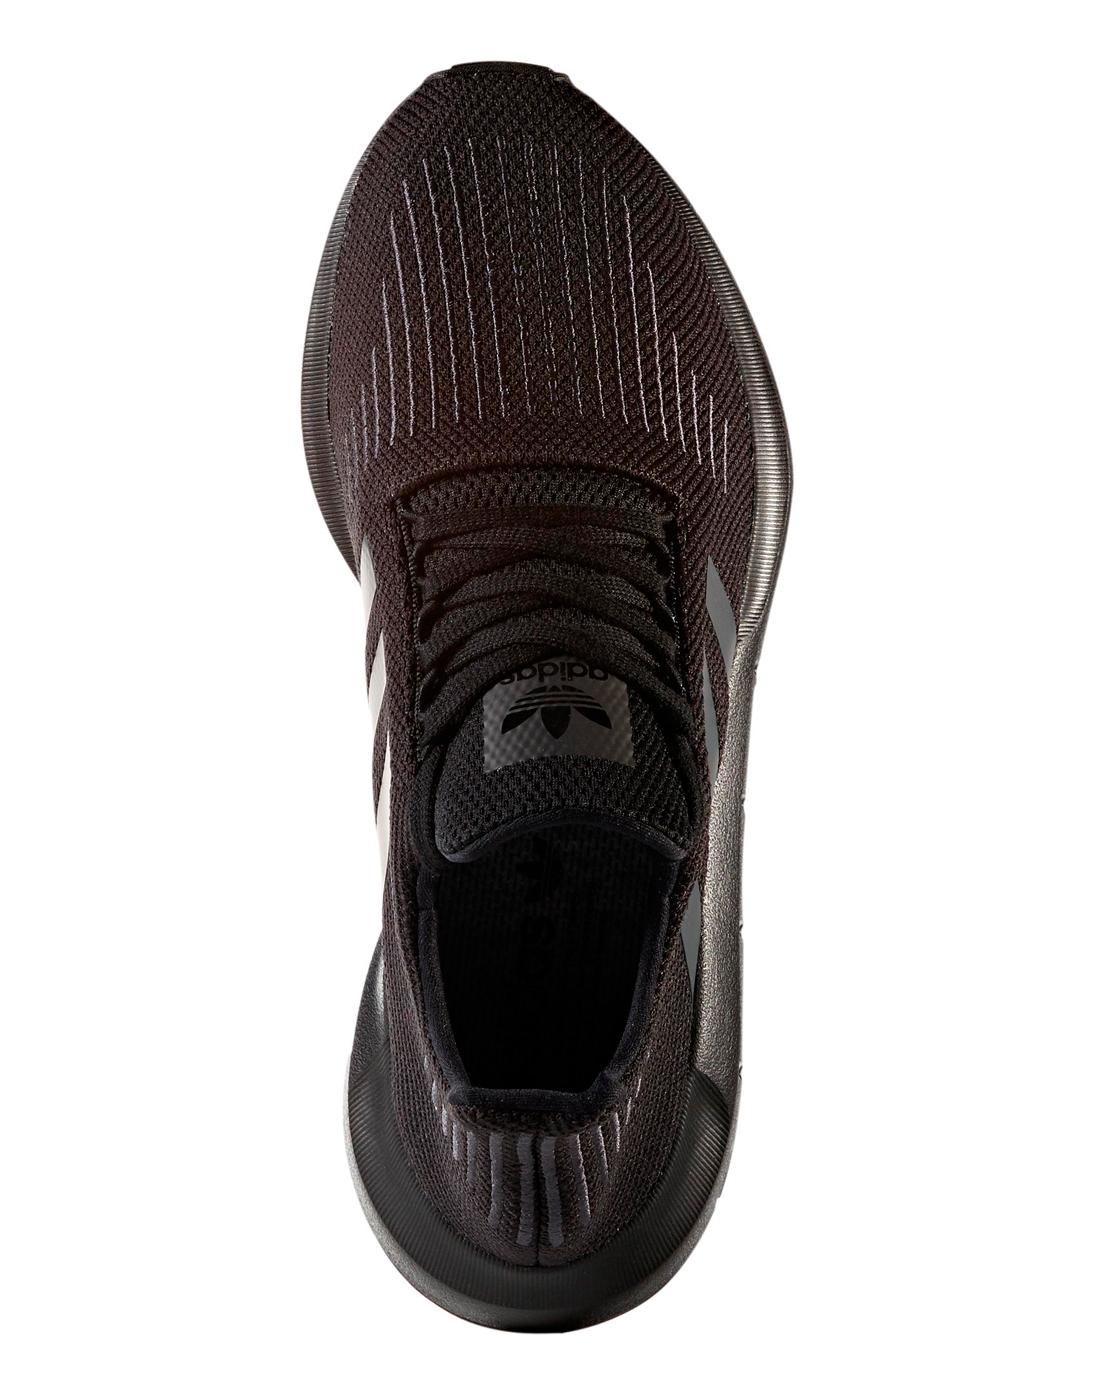 uomini è adidas originali swift run black dello stile di vita sportiva